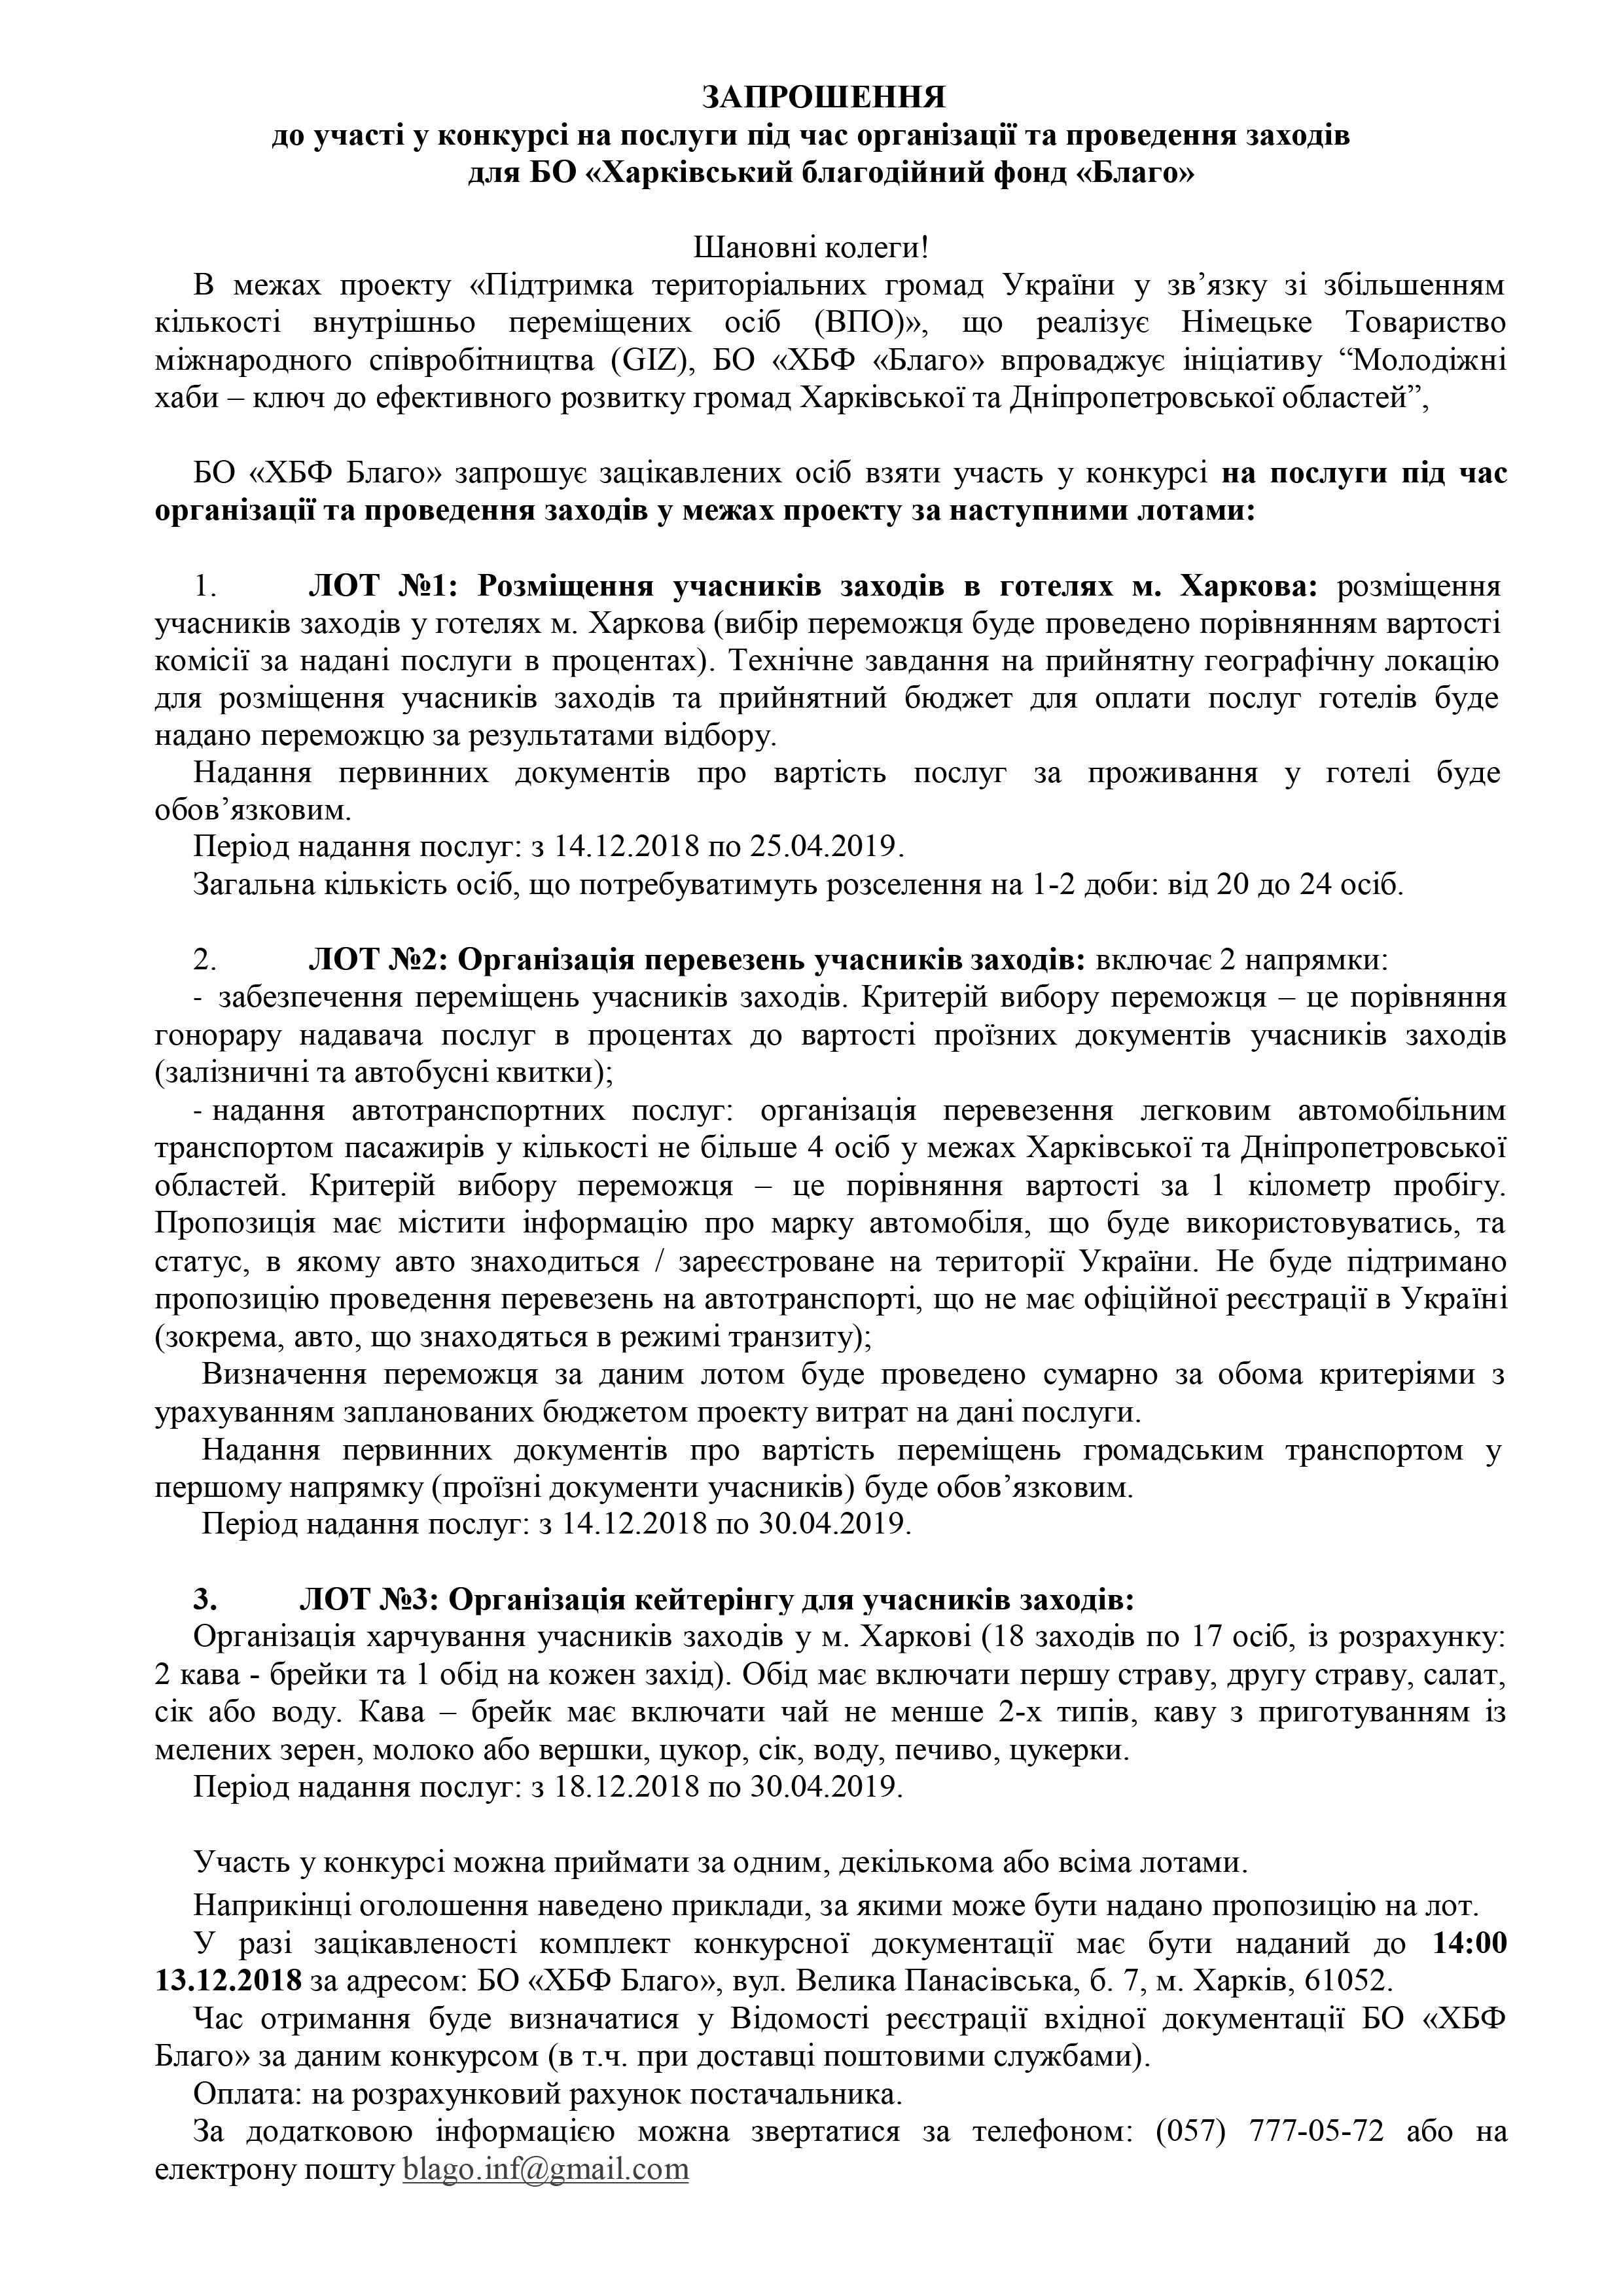 тендер Сервіс провайдер Харків (1)-1